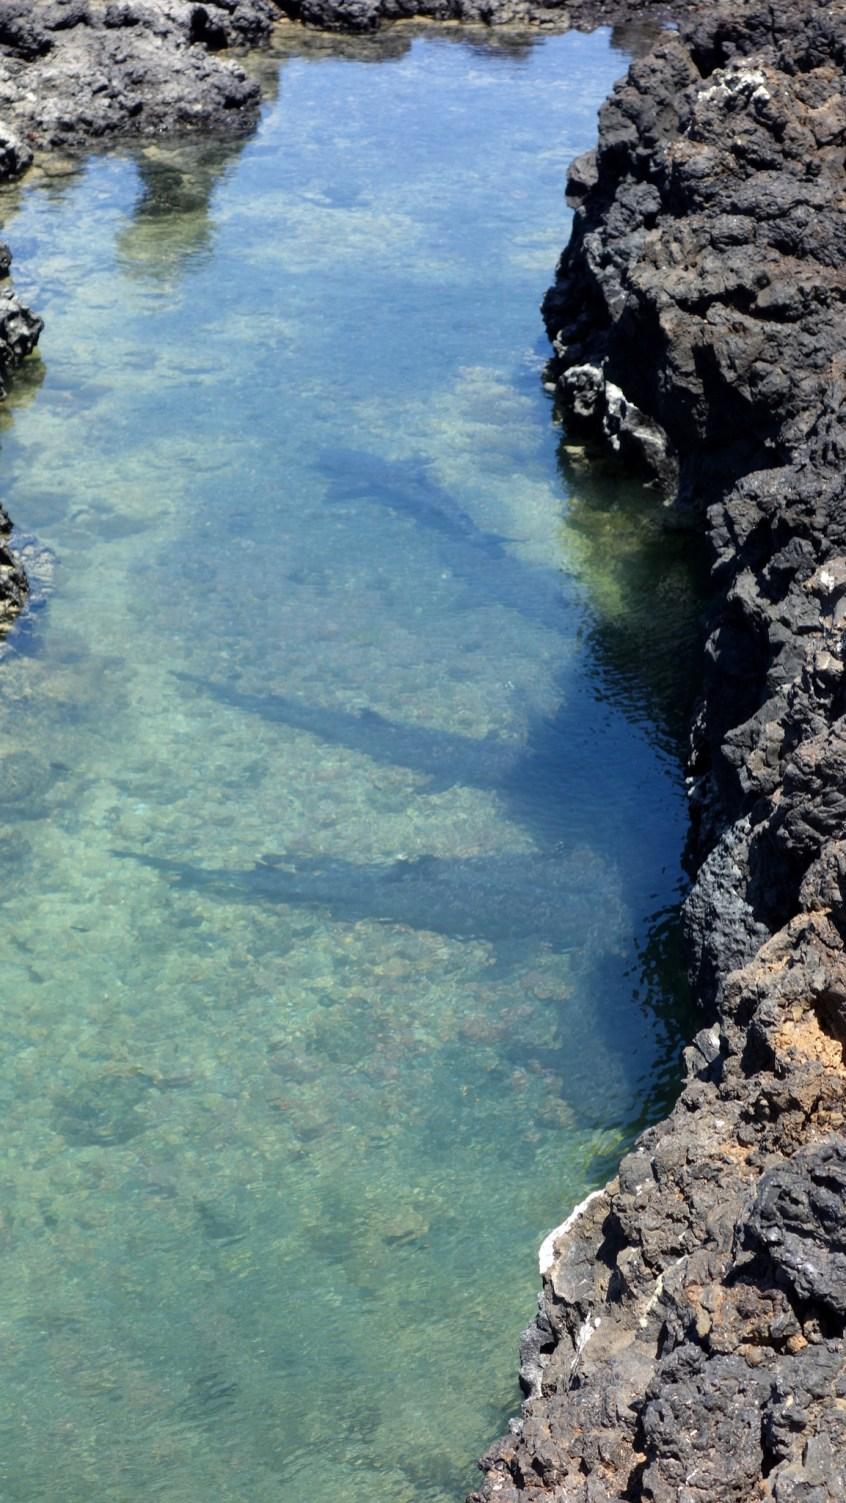 Galápagos, Santa Isabela, Tintoreros: Ruheplatz der Riffhaie nach der nächtlichen Jagd